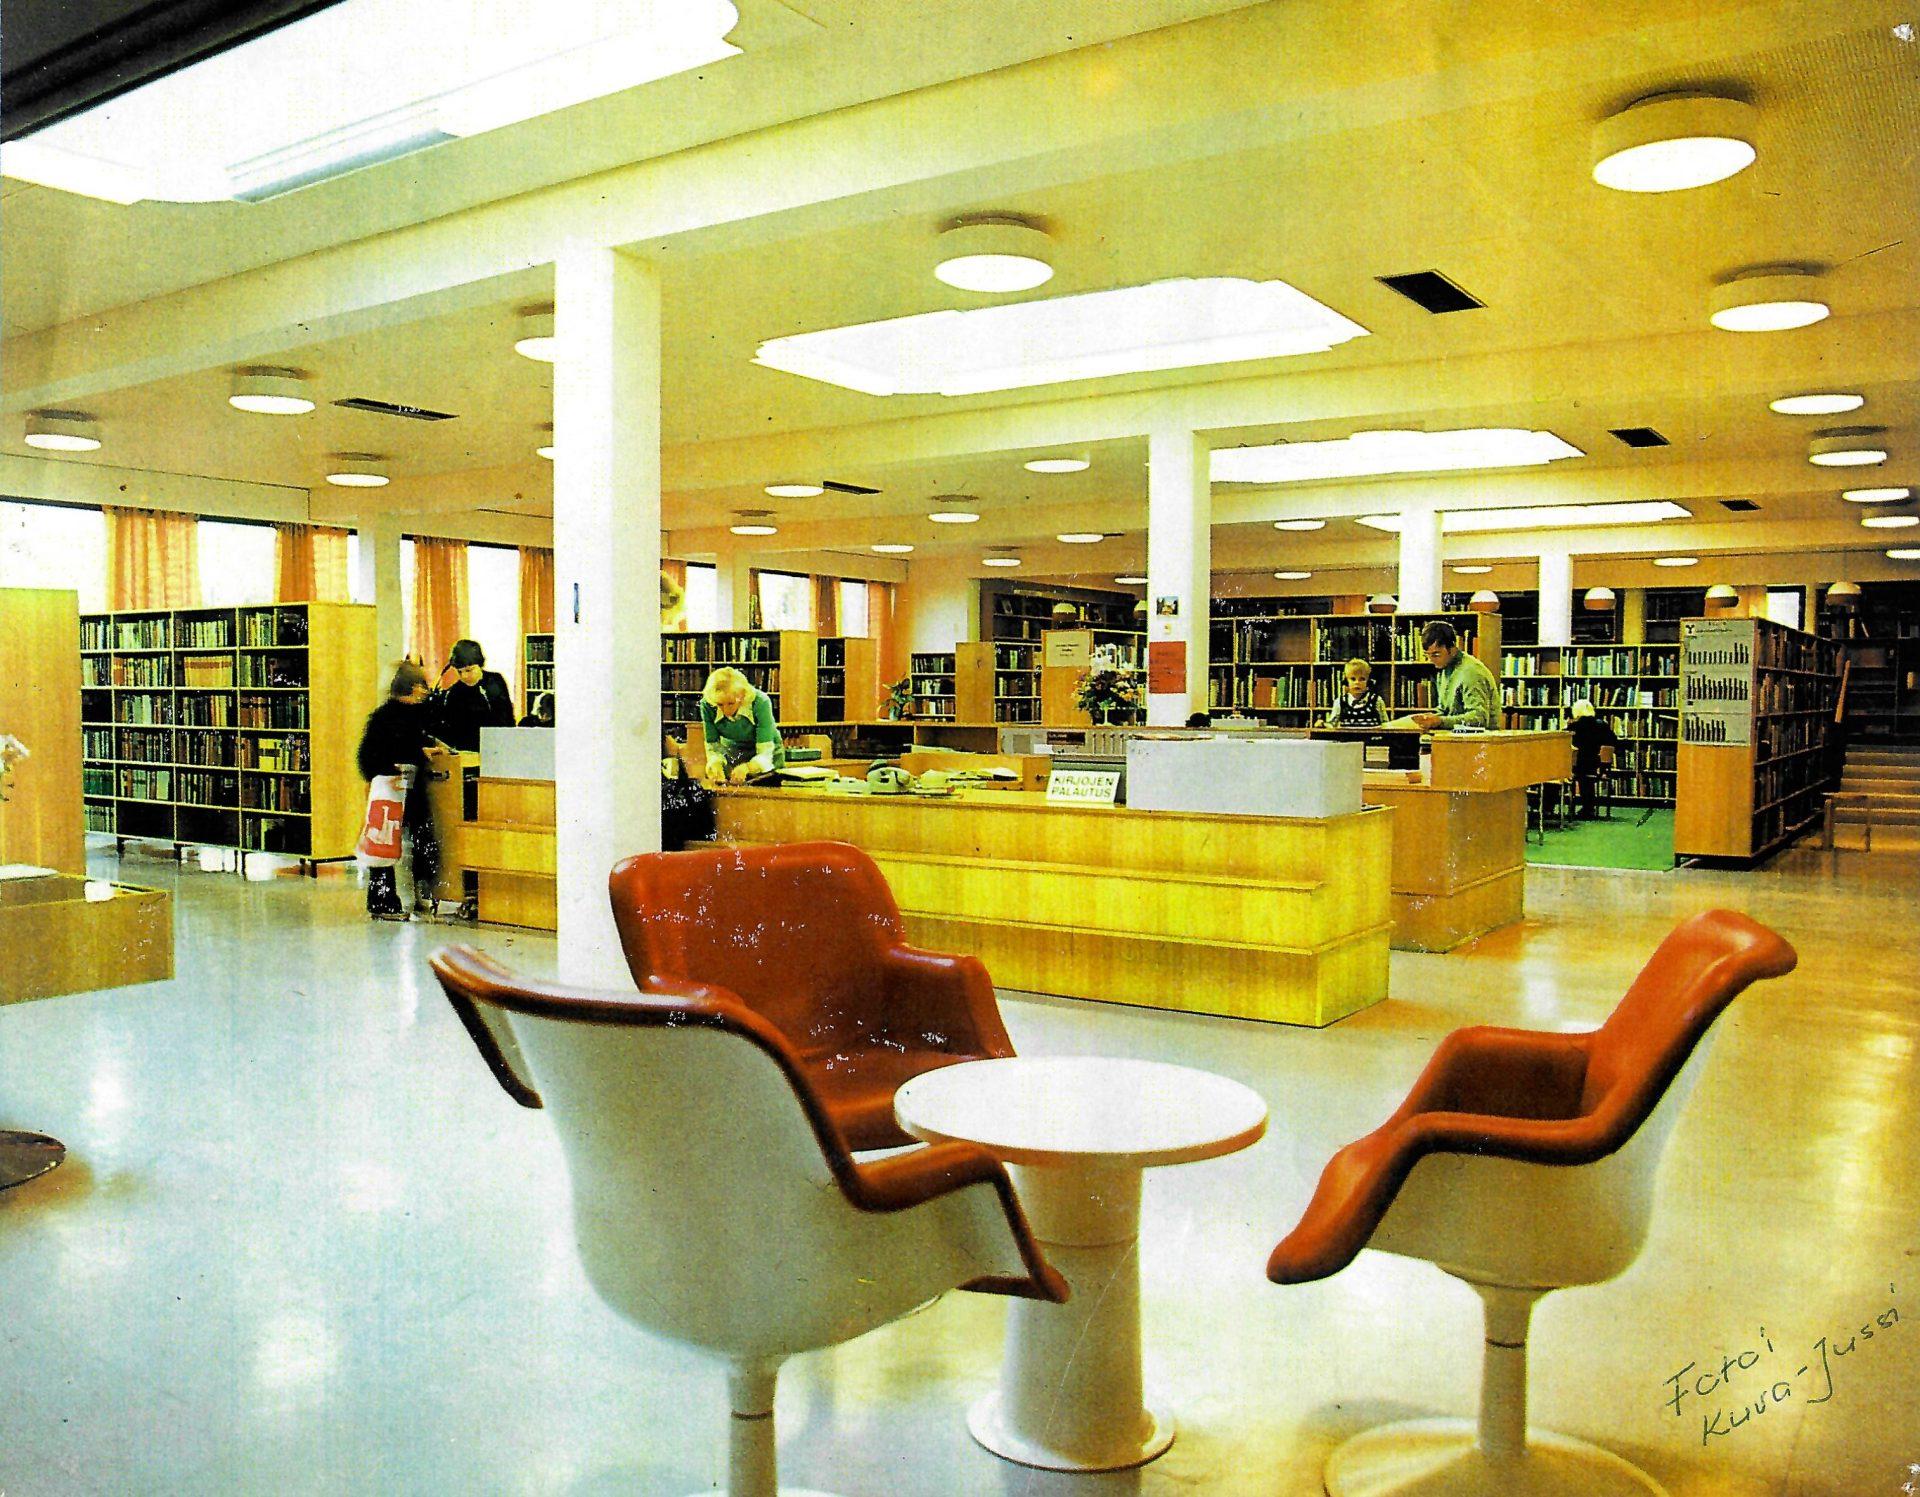 Vanha kuva Ylivieskan kirjastosta. Lainaustiski